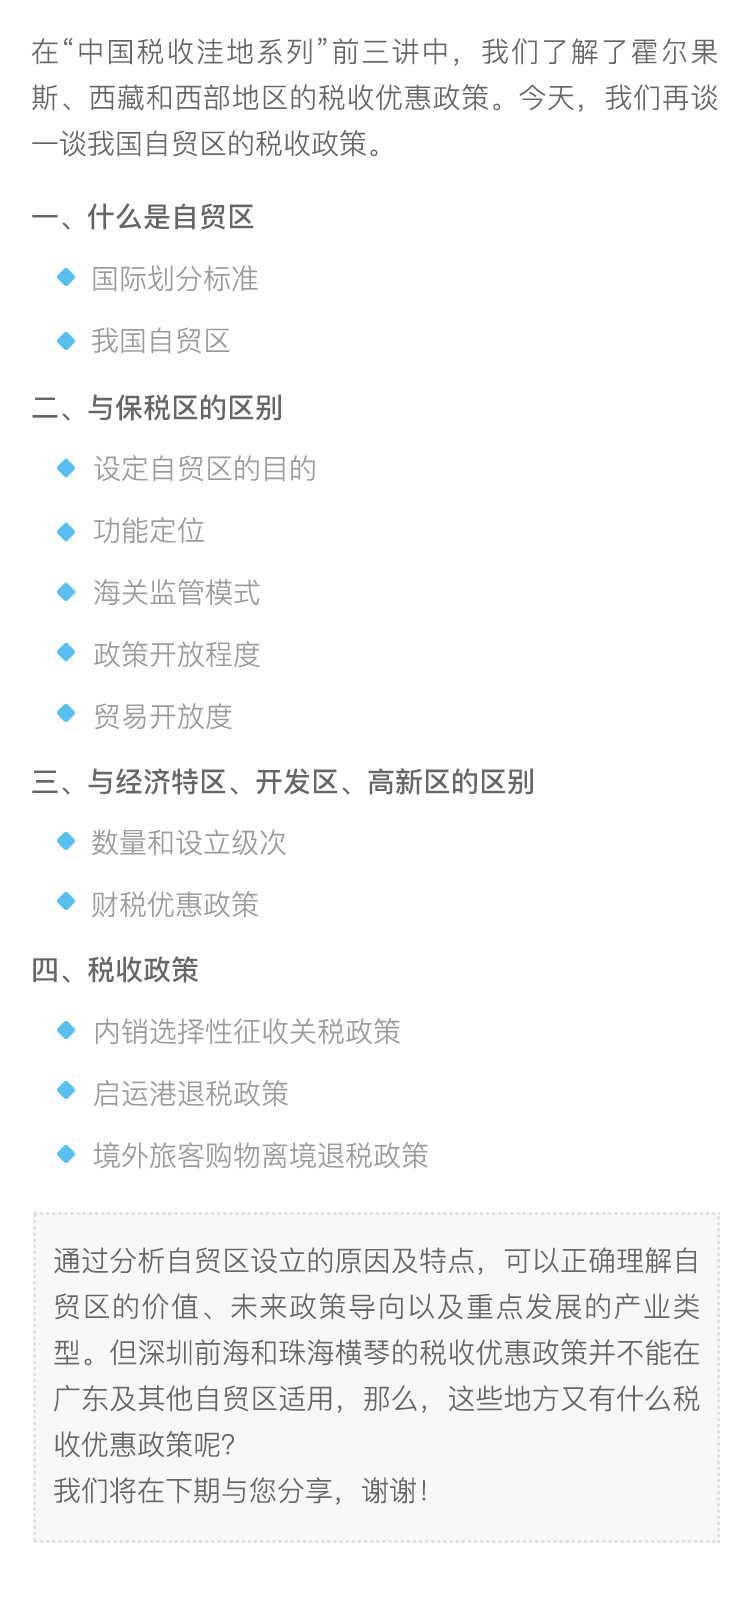 中国税收洼地系列-自贸区税收政策介绍.jpg